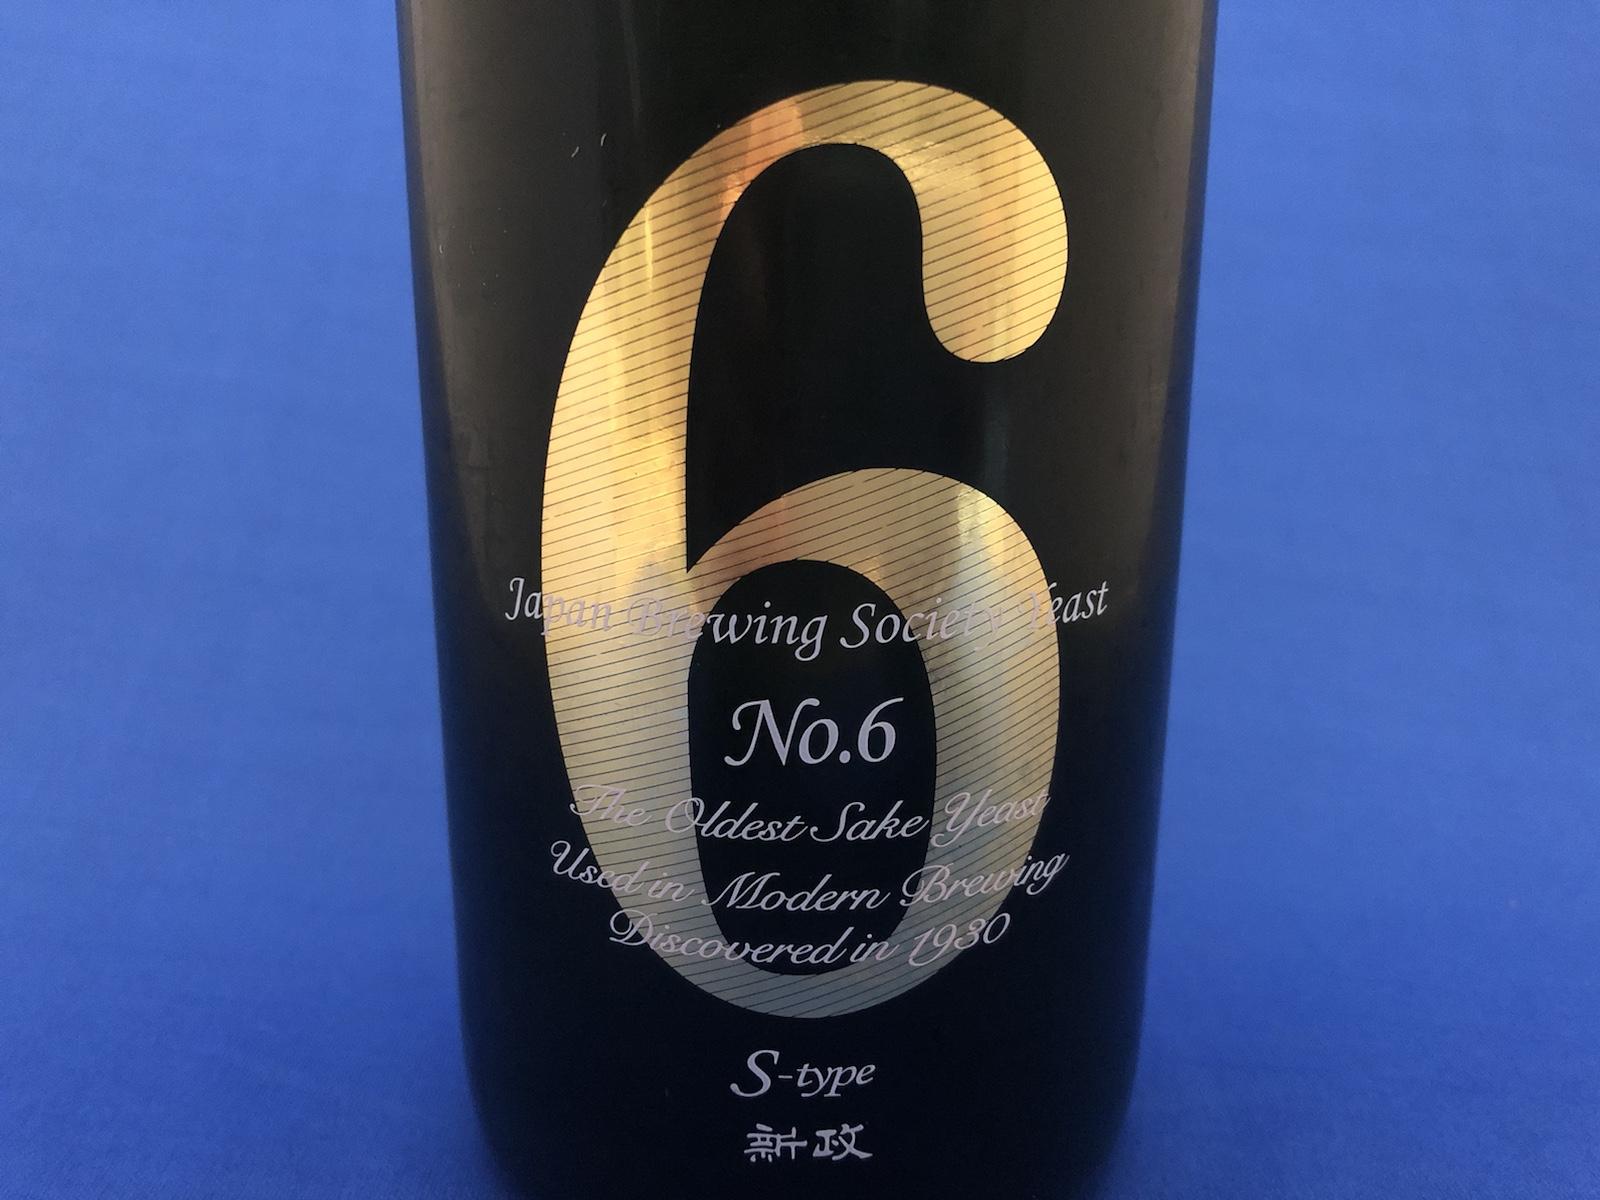 新政「No.6 S-type」!日本酒はここまで美しくなれるのか…